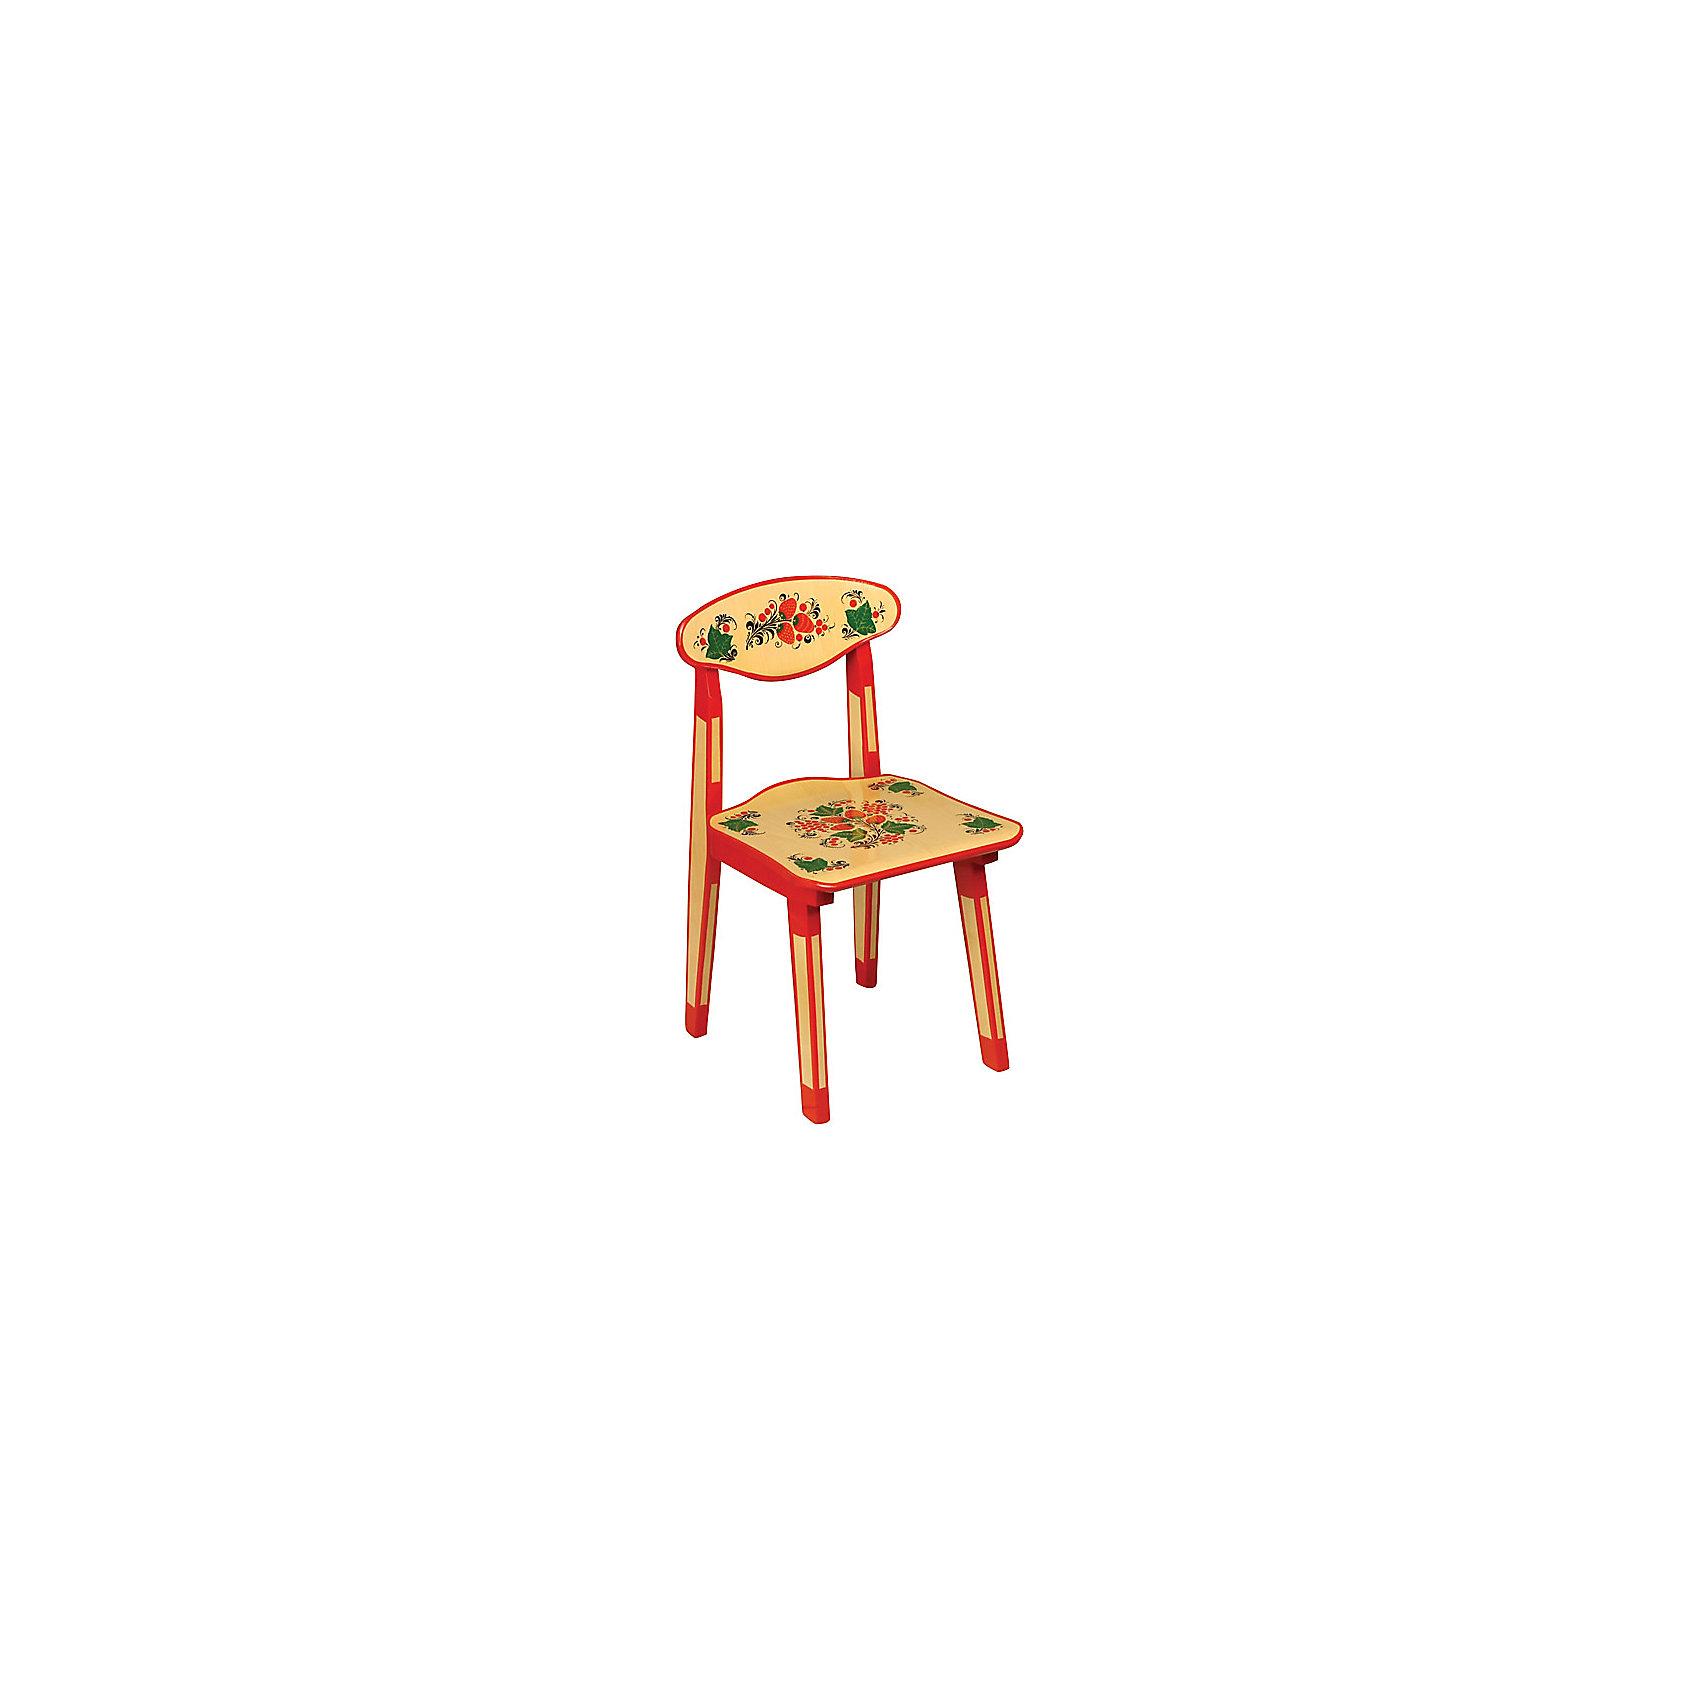 Стул Хохлома, высота 50 смОчень важно, чтобы ребенок пользовался мебелью, подходящей для его возраста и роста. Детский стул Хохлома имеет яркую расцветку и классический декор. Он прекрасно впишется в интерьер любой комнаты, изготовлен из высококачественных материалов, безопасных для детей. Правильный подбор детского стула обеспечит хорошую осанку, ваш ребенок будет меньше уставать и лучше воспринимать информацию. <br><br>Дополнительная информация:<br><br>- Материал: дерево<br>- Цвет: бежевый, красный, зеленый, художественная роспись (ягода/цветок).<br>- Размер: 1, на рост 100 - 115 см. <br>- Высота стула: 50 см. <br><br>Детский стул Хохлома с художественной росписью, высота 50 см можно купить в нашем магазине.<br><br>Ширина мм: 500<br>Глубина мм: 300<br>Высота мм: 290<br>Вес г: 1500<br>Возраст от месяцев: 24<br>Возраст до месяцев: 72<br>Пол: Унисекс<br>Возраст: Детский<br>SKU: 3943308